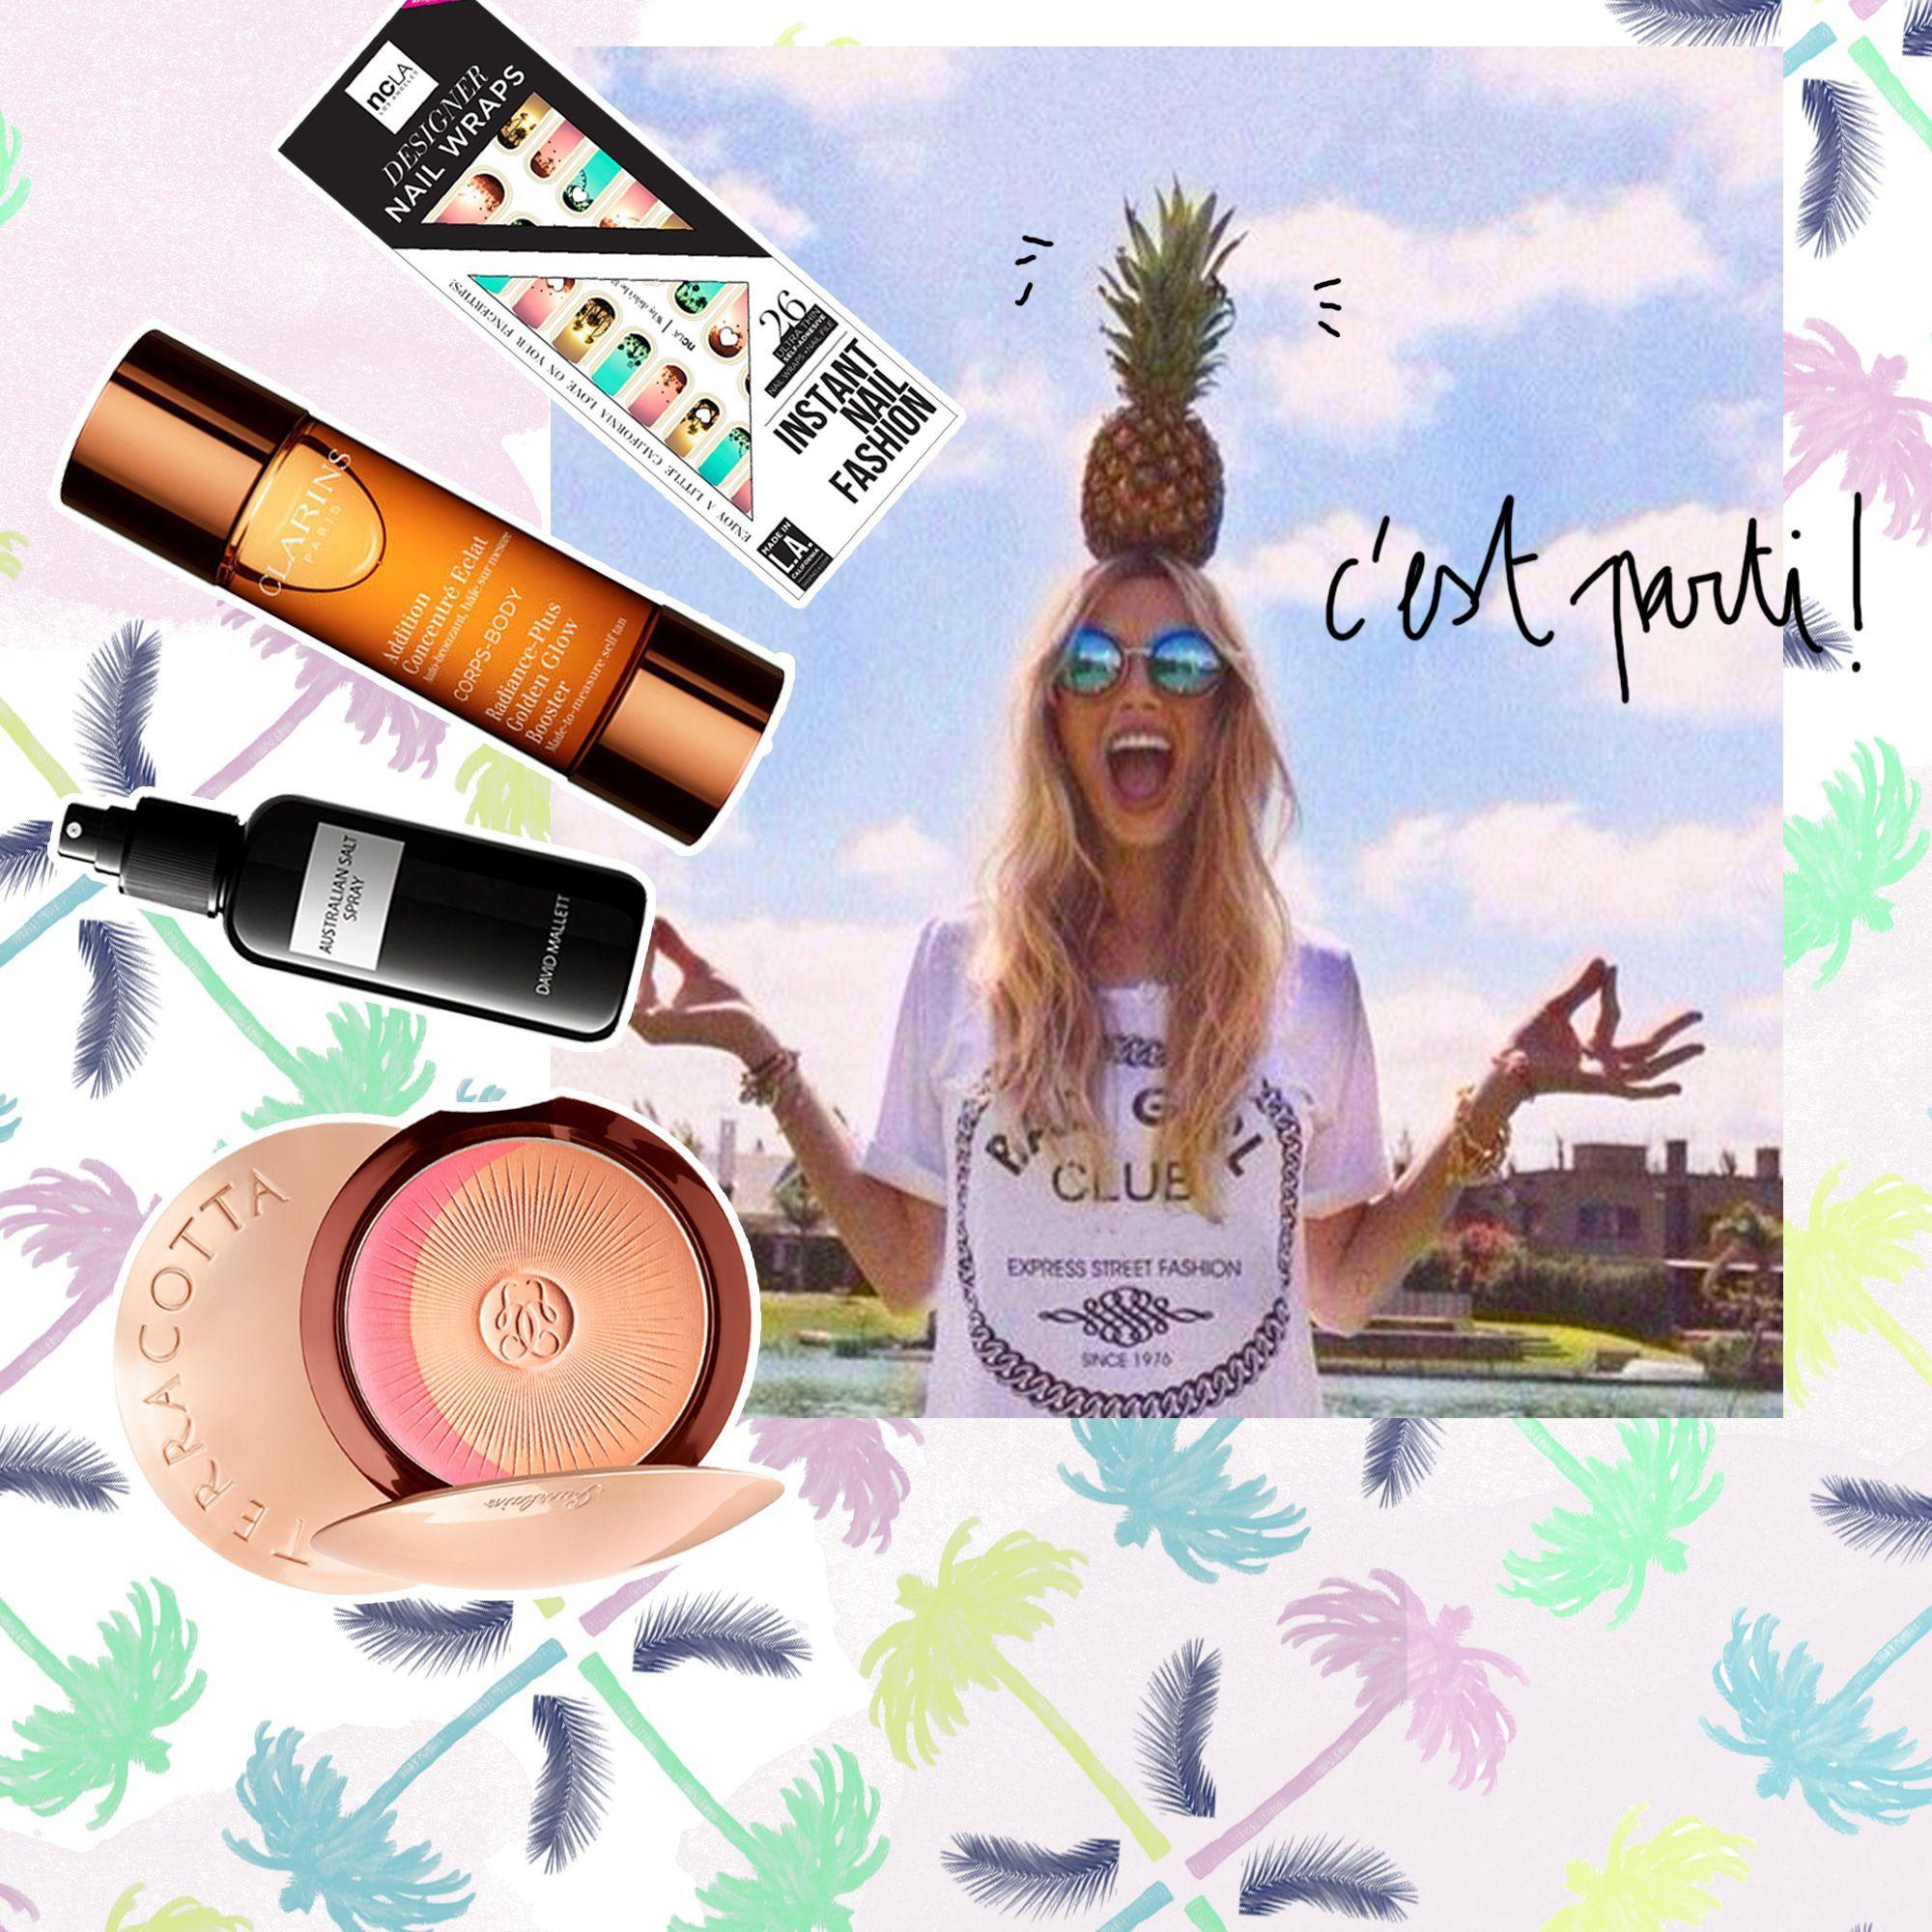 vanity-Coachella_Presse_Pinterest-Trouvé-sur-omgeemag.com_Luna-Joulia_ok3